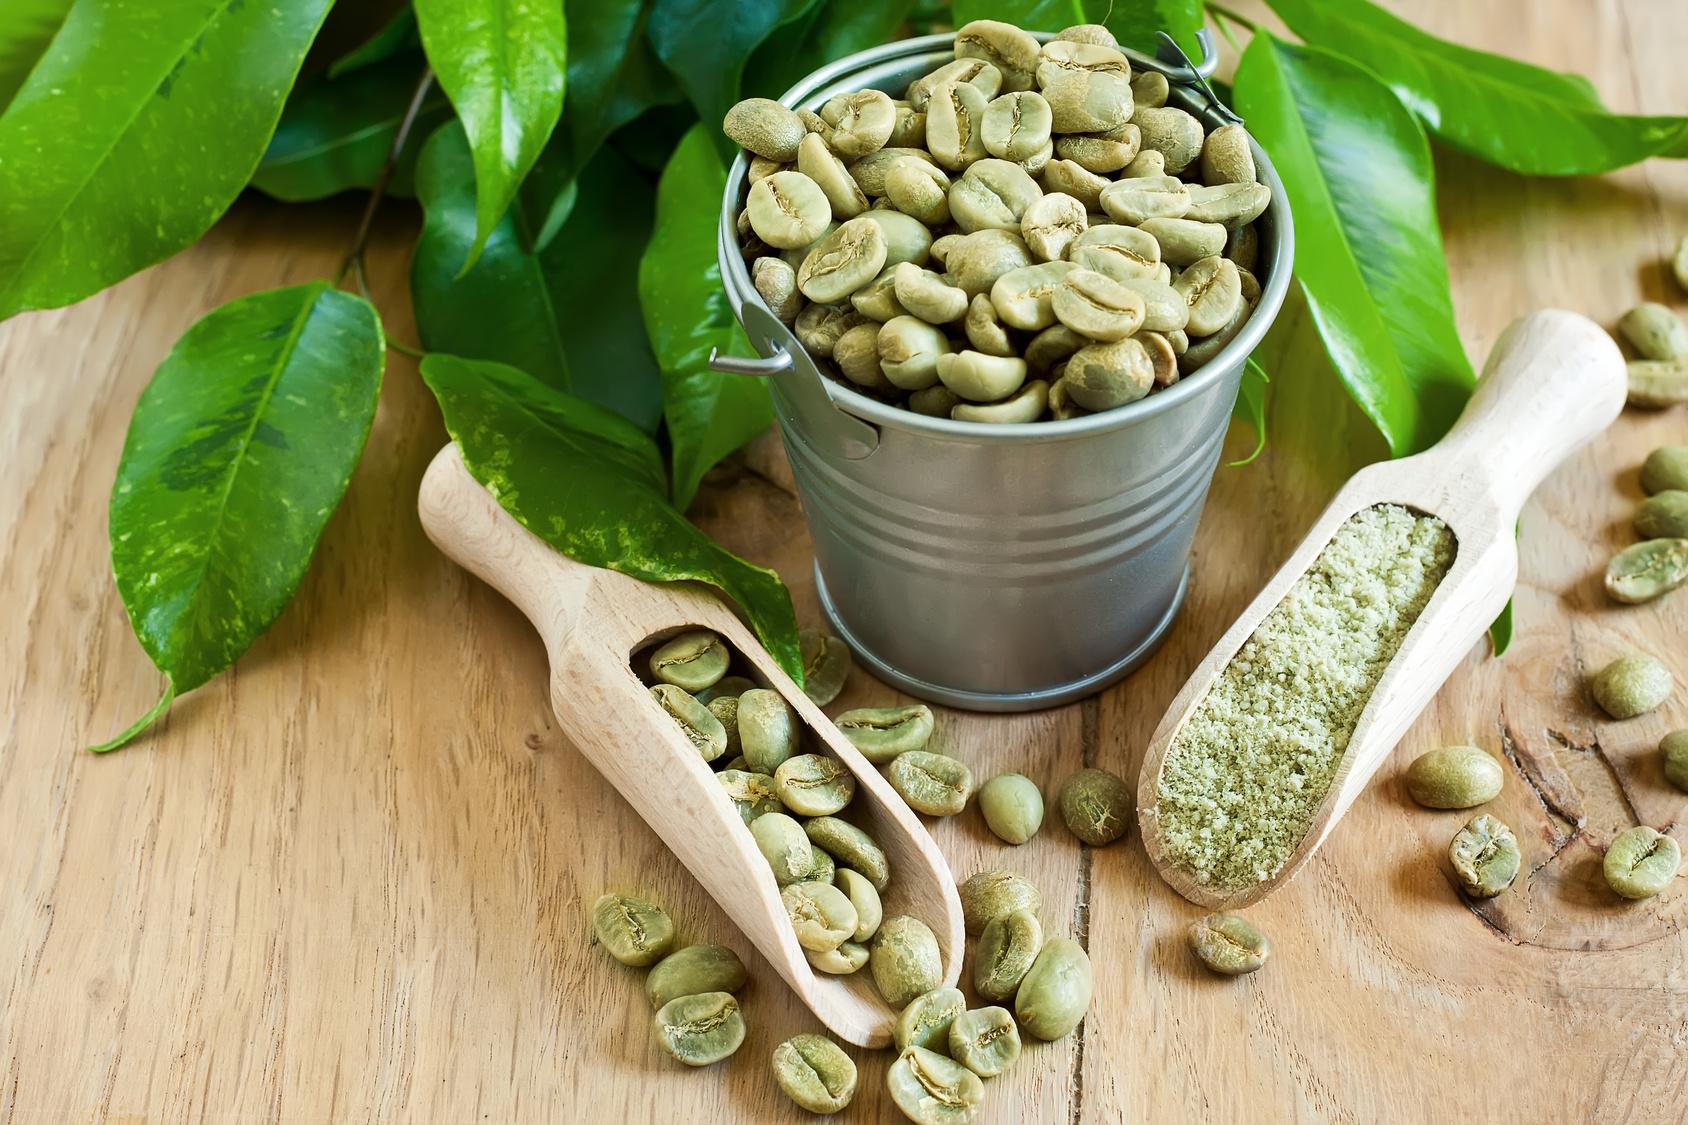 Kawa niepalona jest dużo jaśniejsza odpalonej, a niektóre jej odmiany mają lekko zielony odcień, stąd też nazwa | fot.: Fotolia